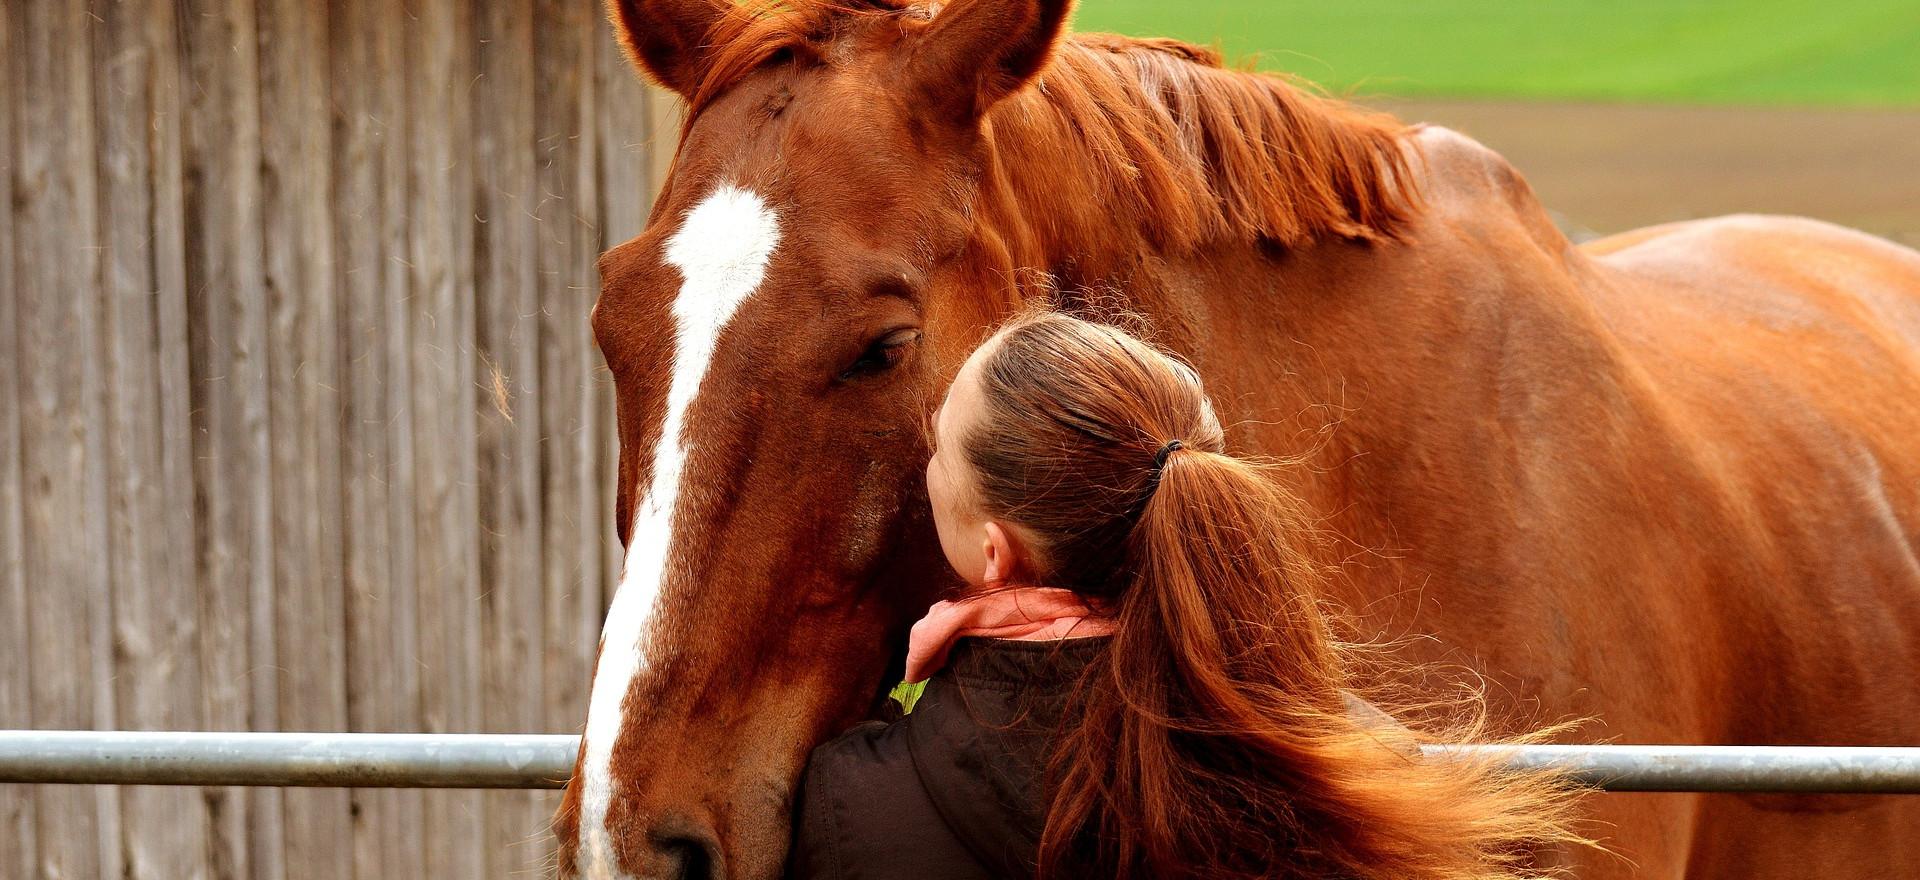 Les chevaux aiment